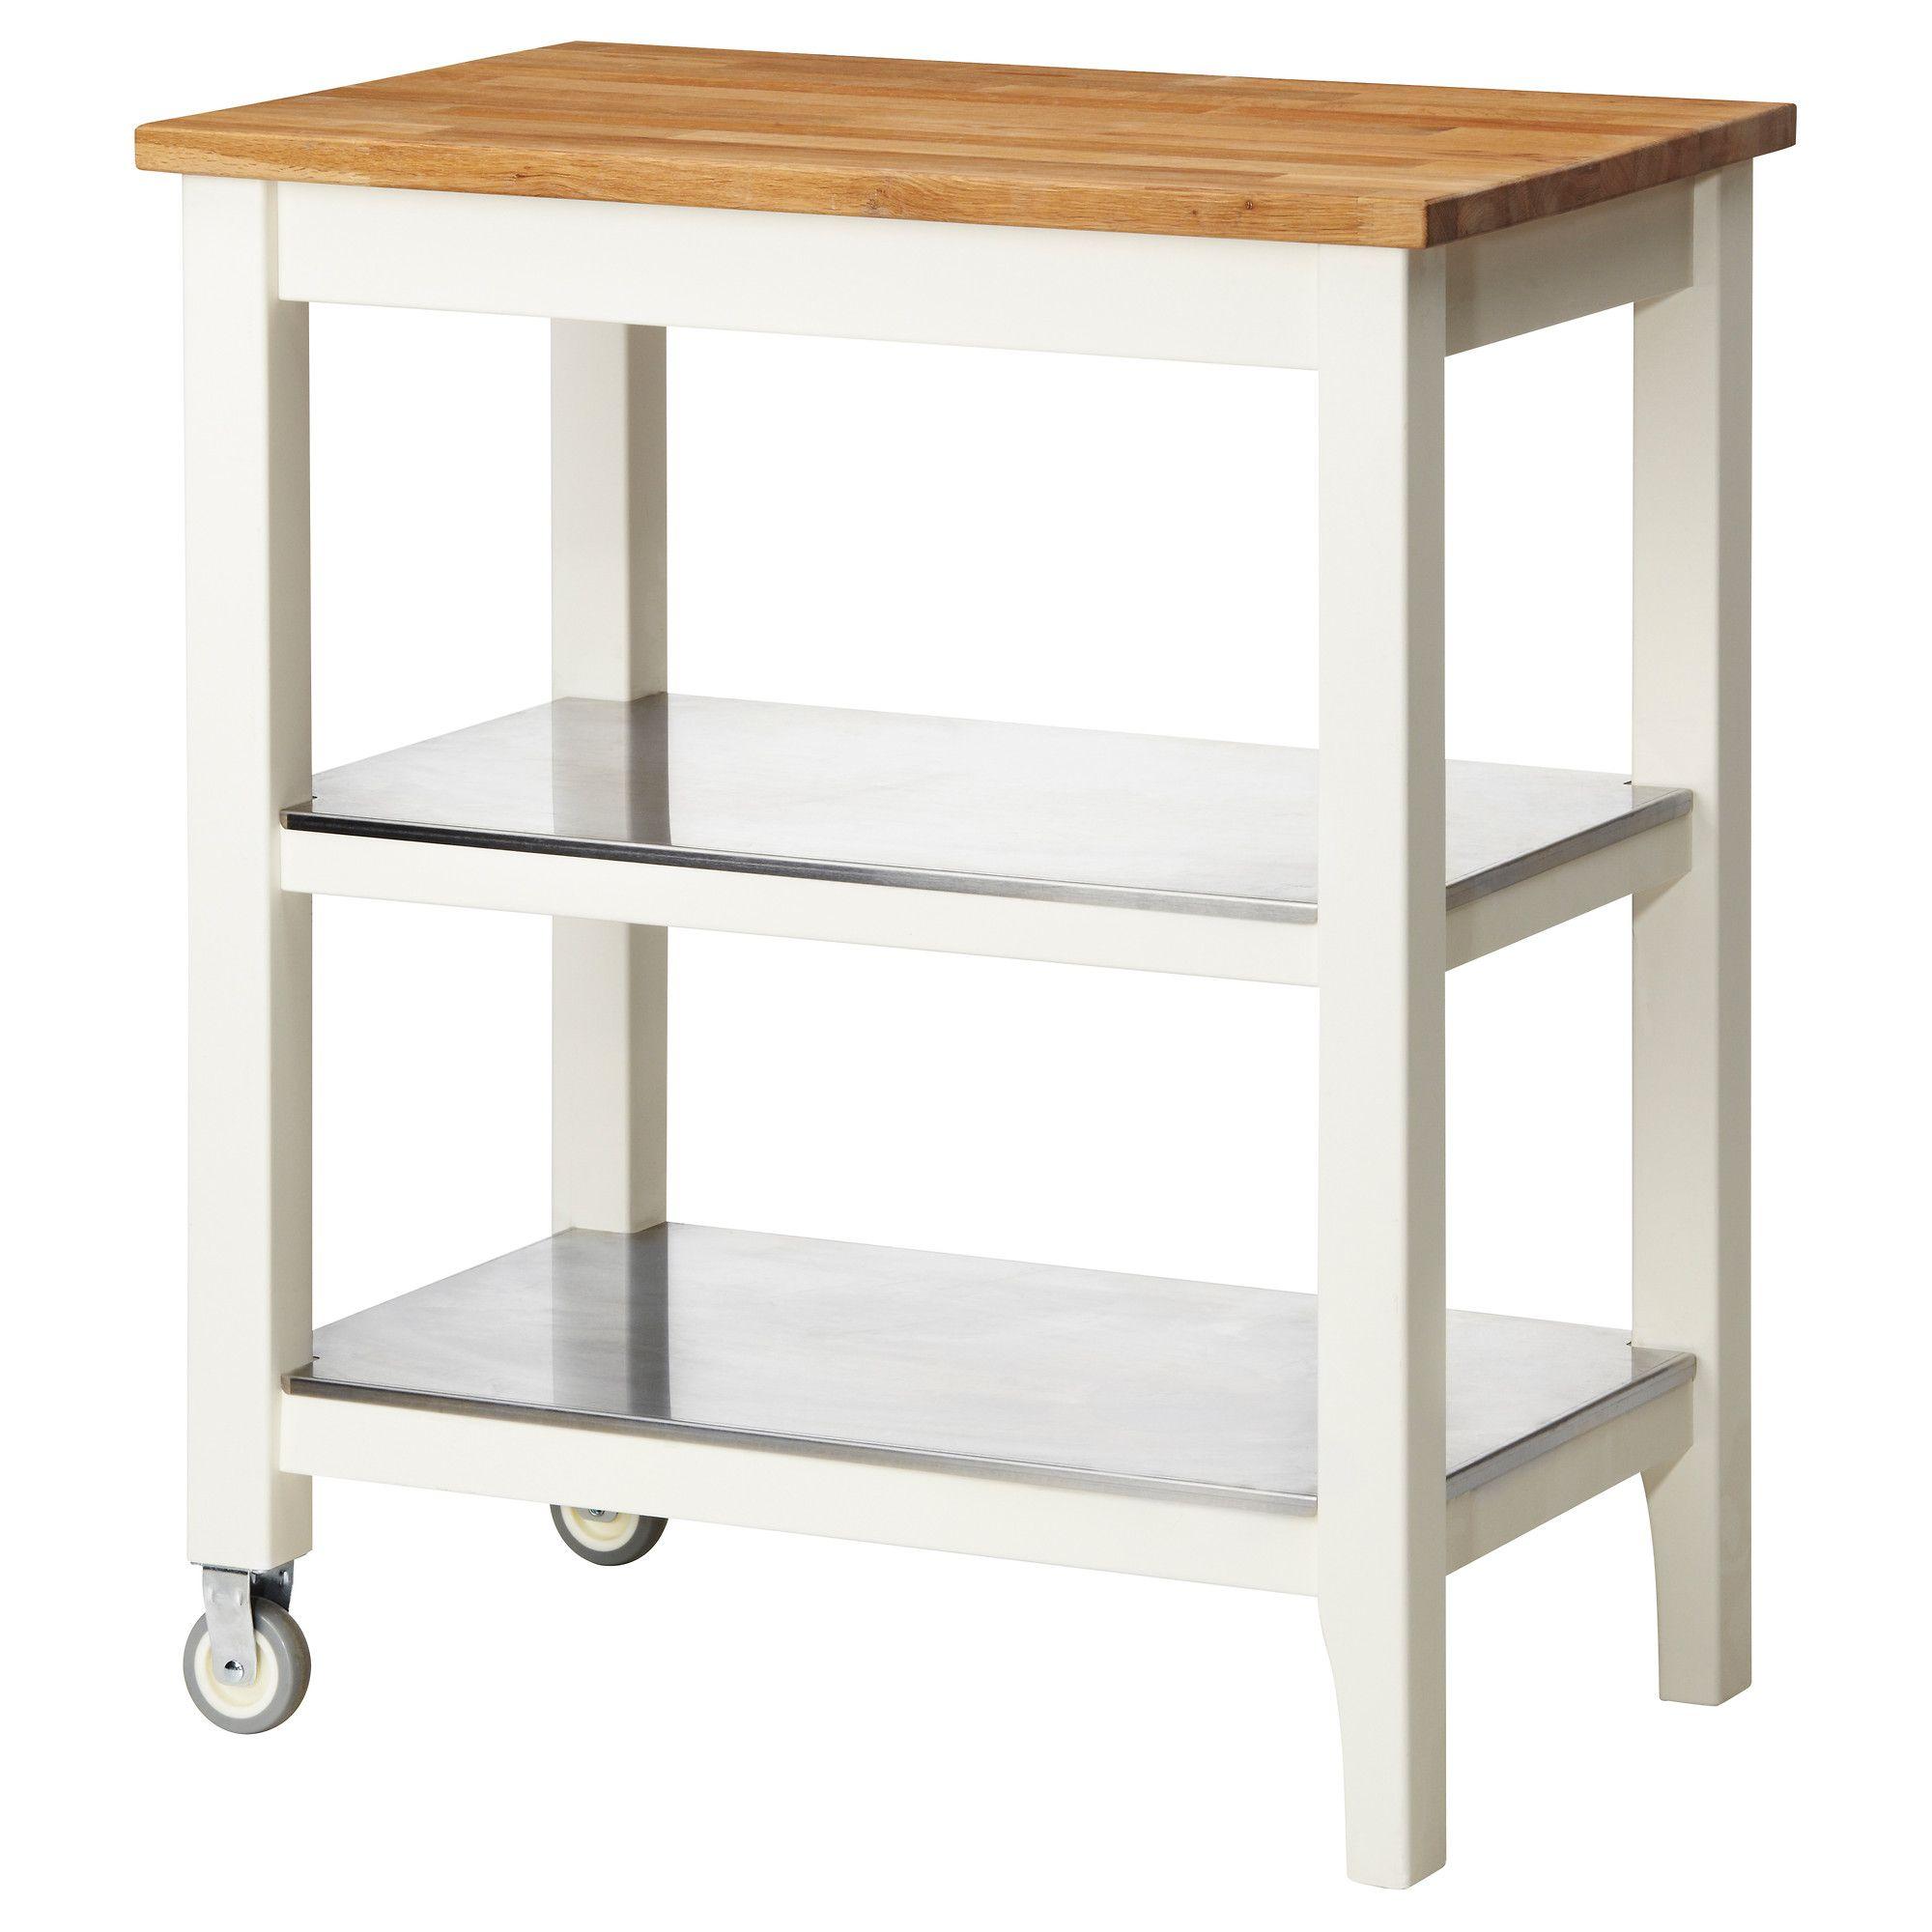 Full Size of Modulküche Ikea Betten 160x200 Bei Miniküche Küche Kosten Sofa Mit Schlaffunktion Kaufen Wohnzimmer Ikea Küchenwagen